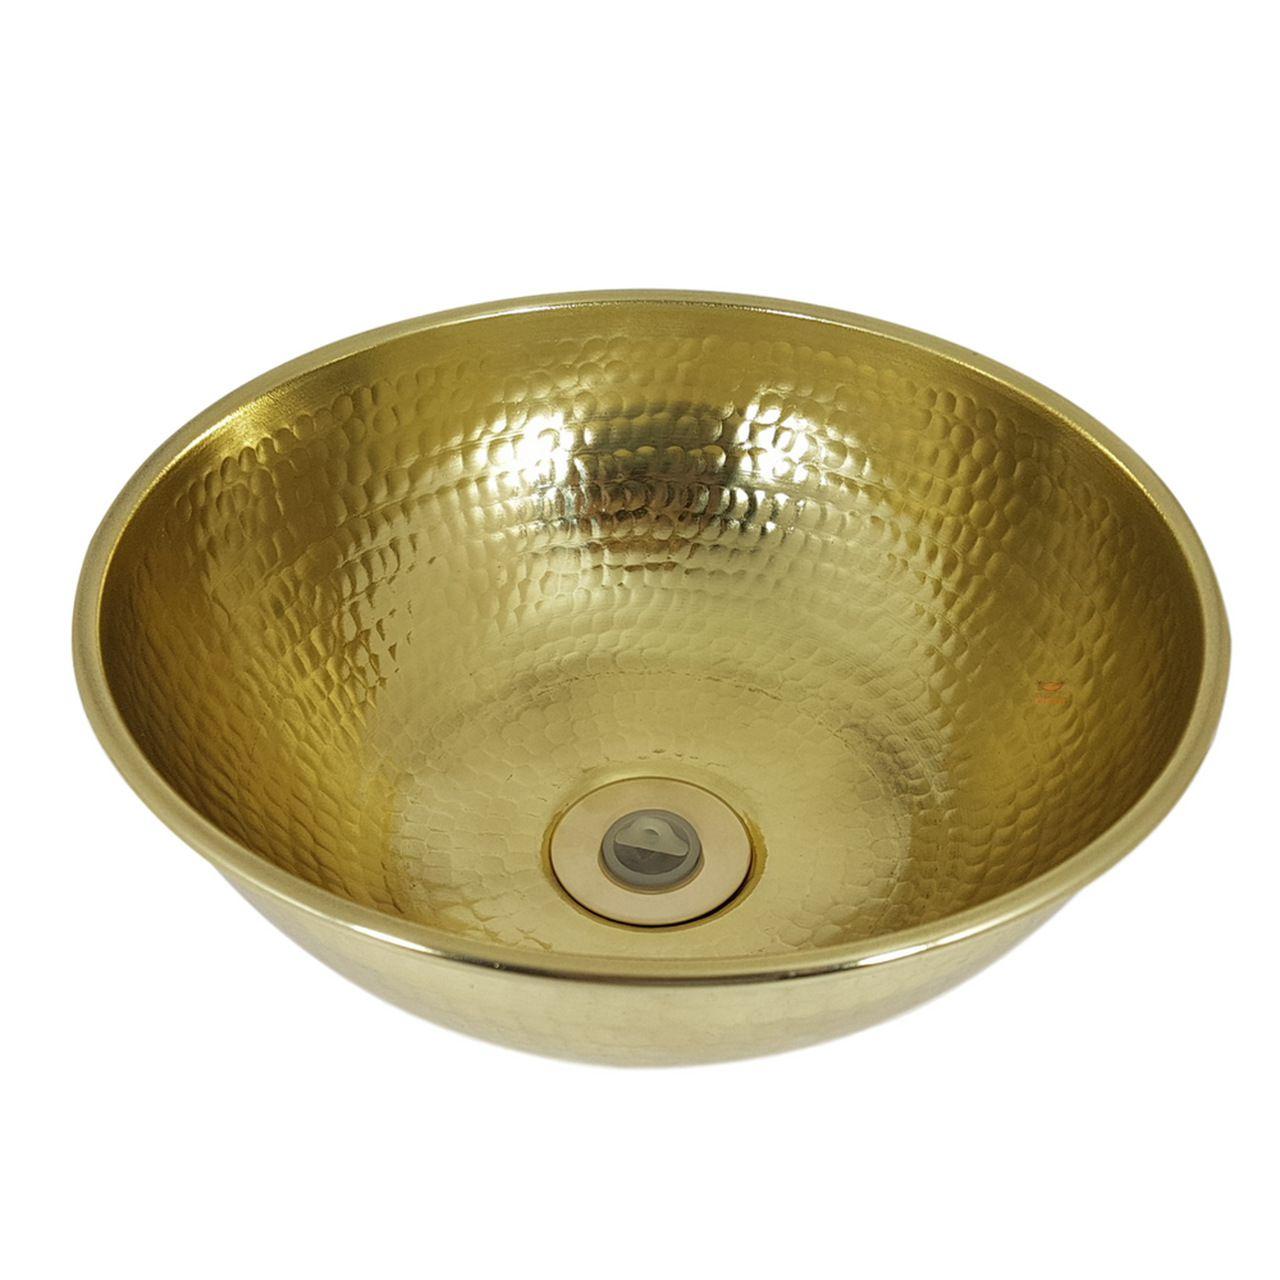 Cuba Dourada Martelada - 25 cm de Diâmetro com Válvula